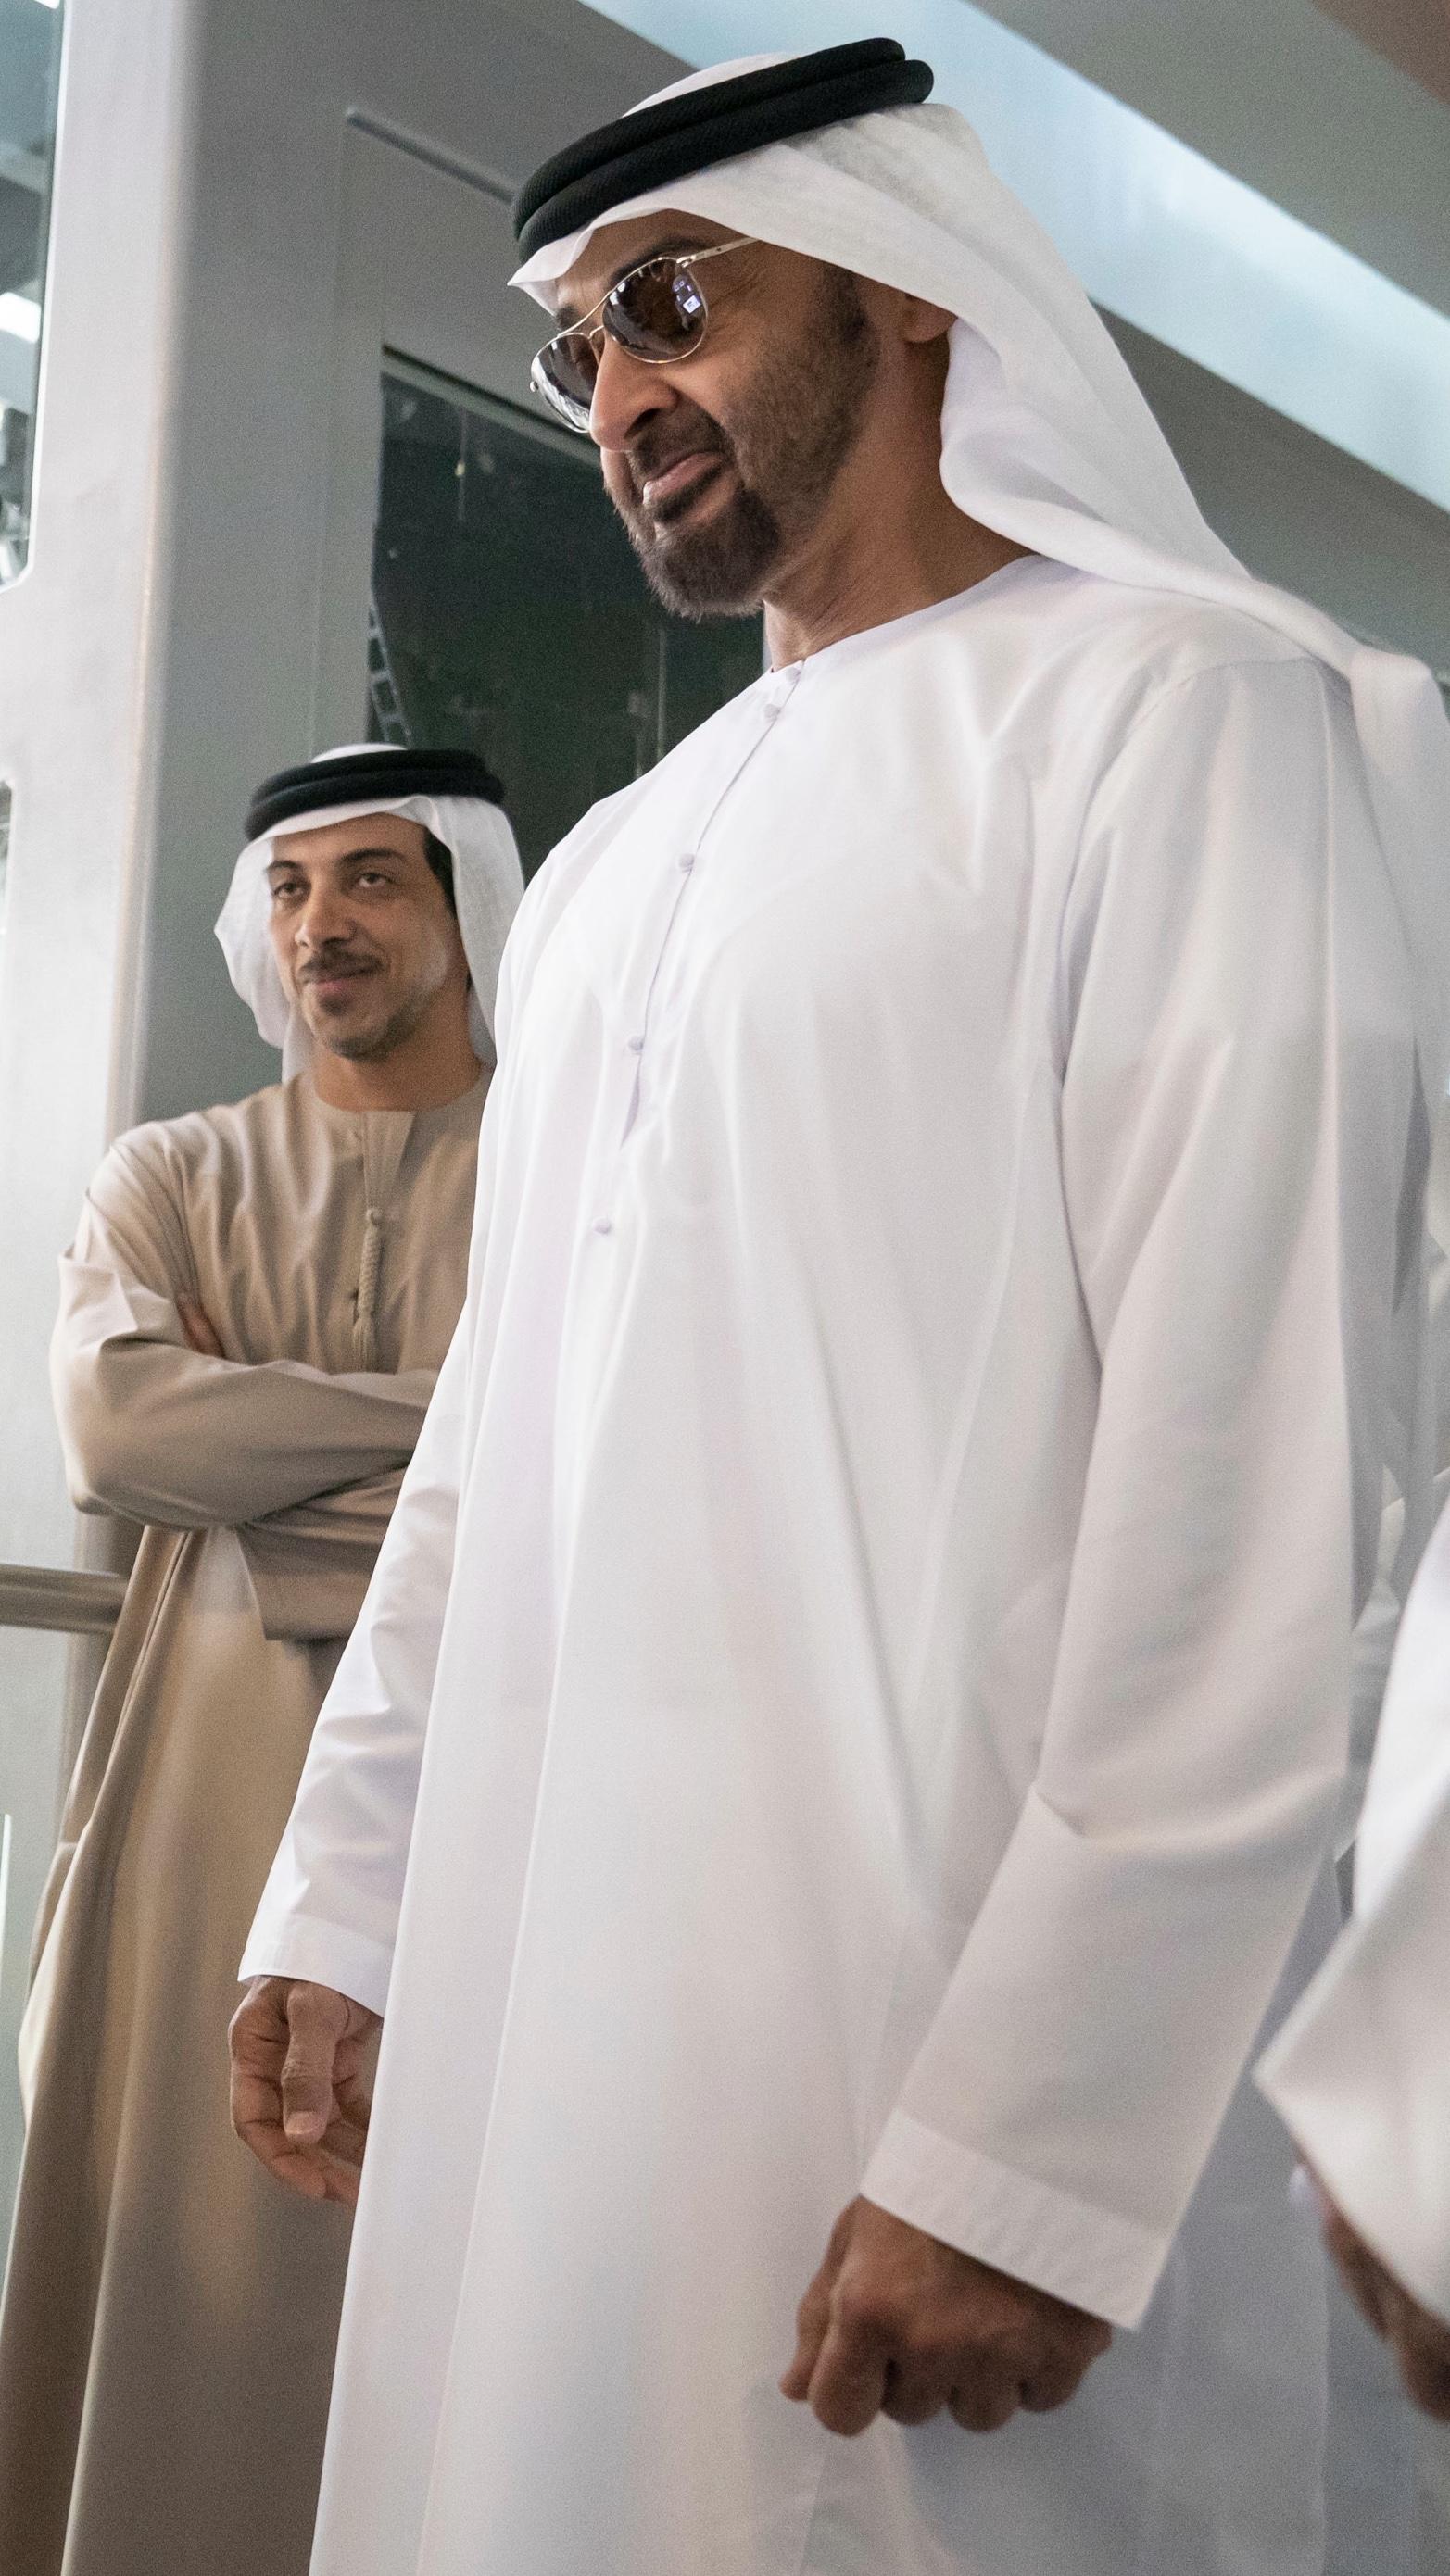 الشيخ محمد بن زايد خلفيات الشيخ زايد للايفون